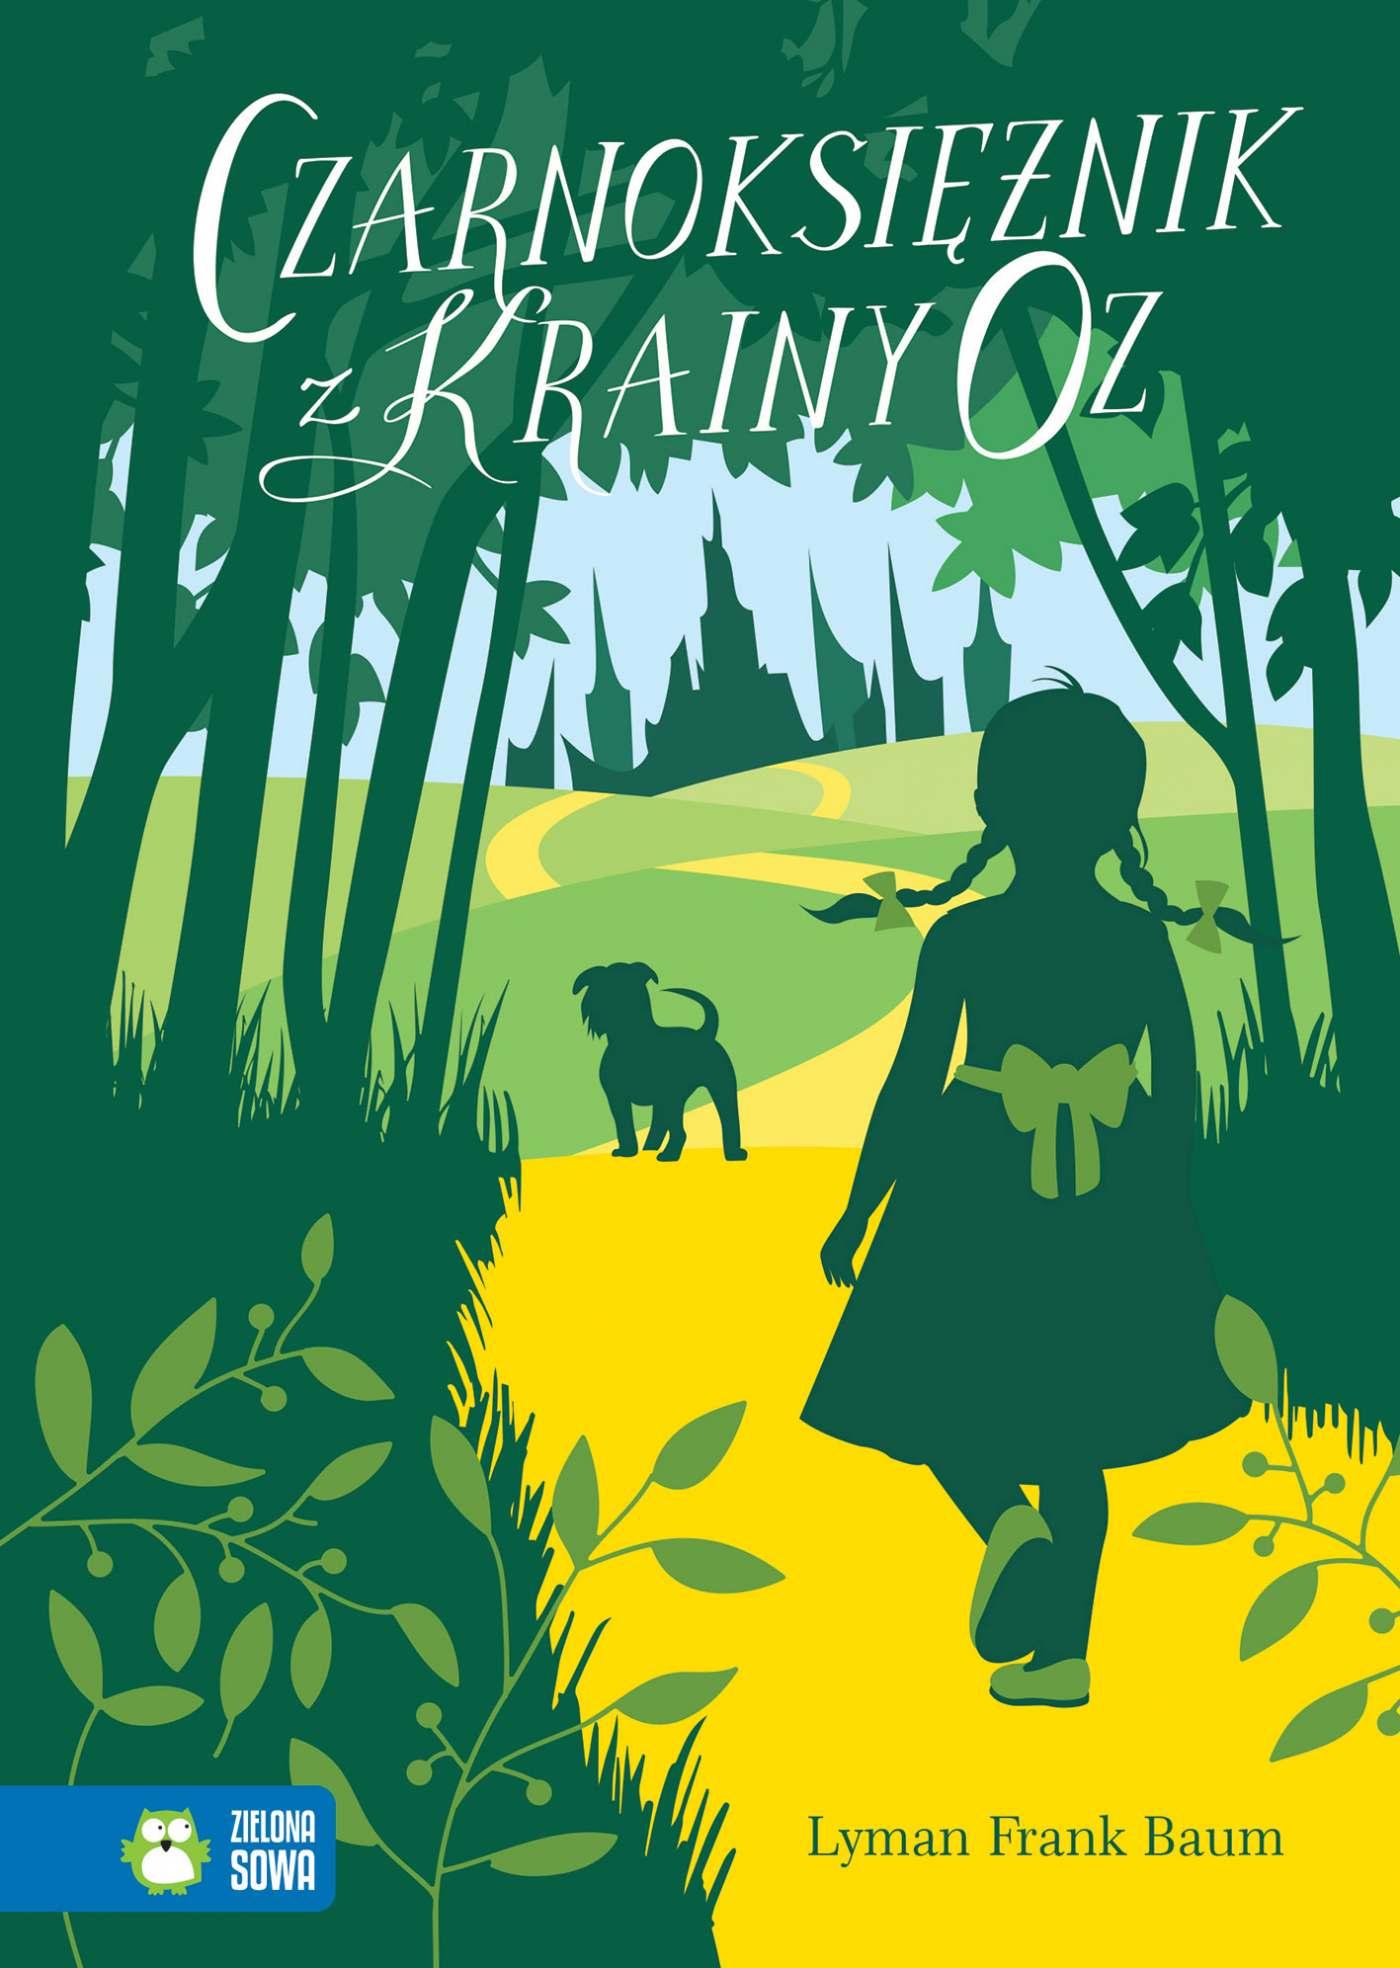 Czarnoksiężnik z Krainy Oz. Literatura klasyczna - Ebook (Książka EPUB) do pobrania w formacie EPUB